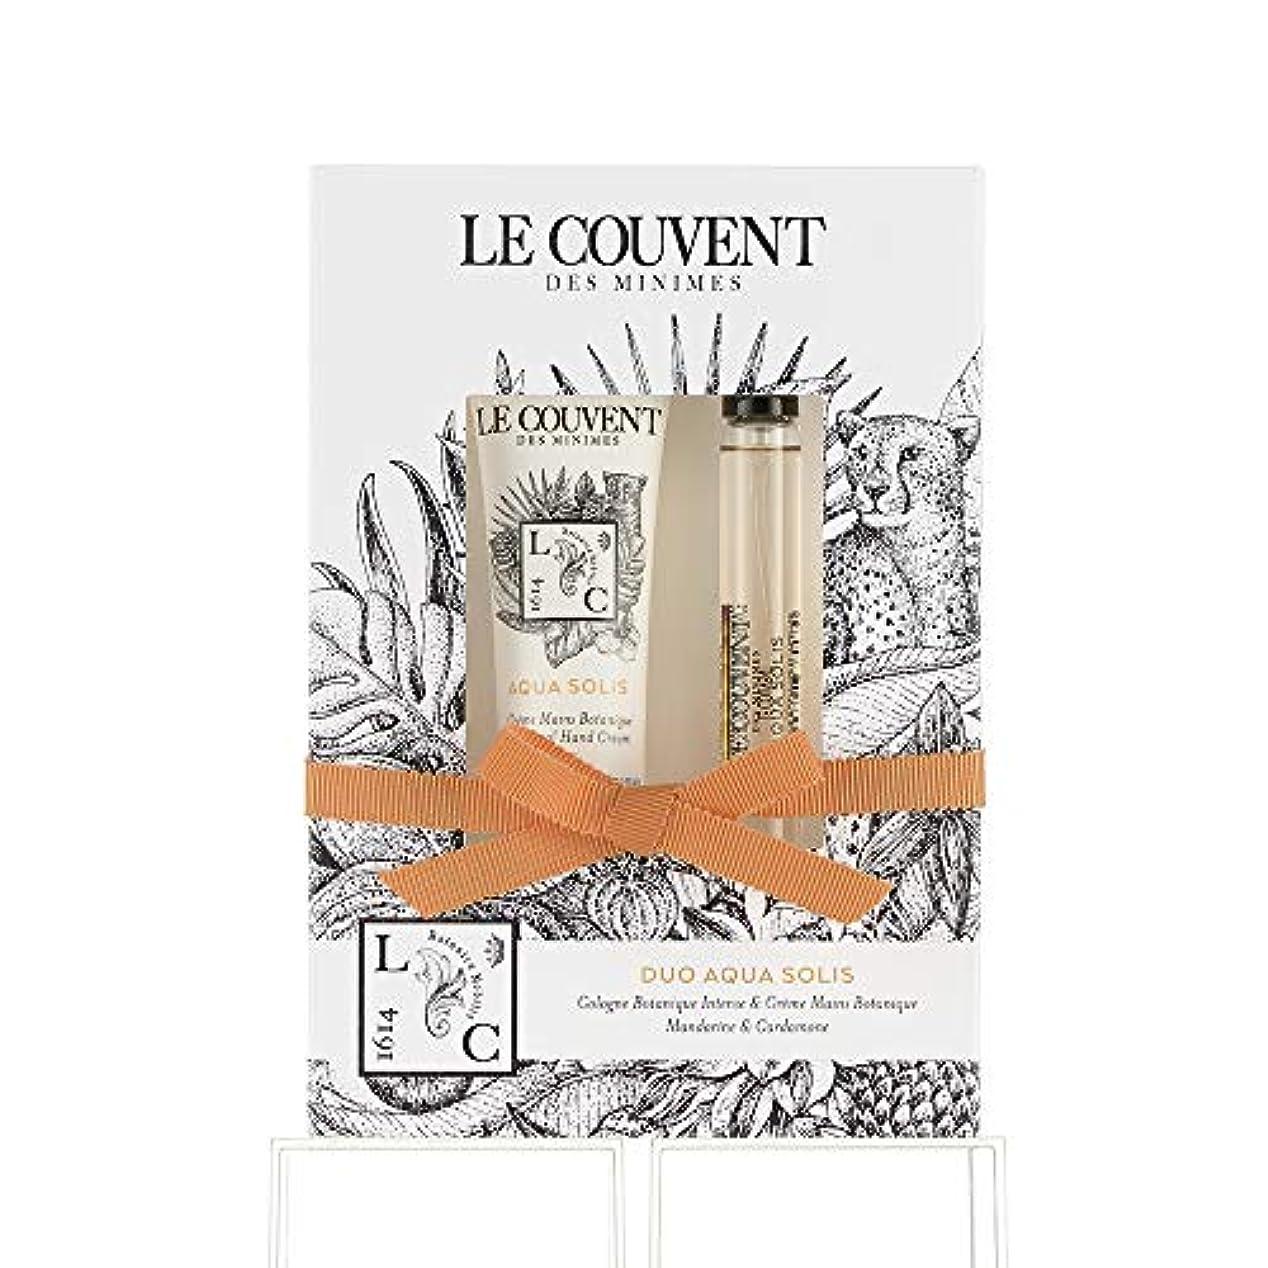 形容詞差別的申請中クヴォン?デ?ミニム(Le Couvent des Minimes) ボタニカルデュオ ボタニカルコロン アクアソリス10mL×1、アクアソリス ハンドクリーム30g×1